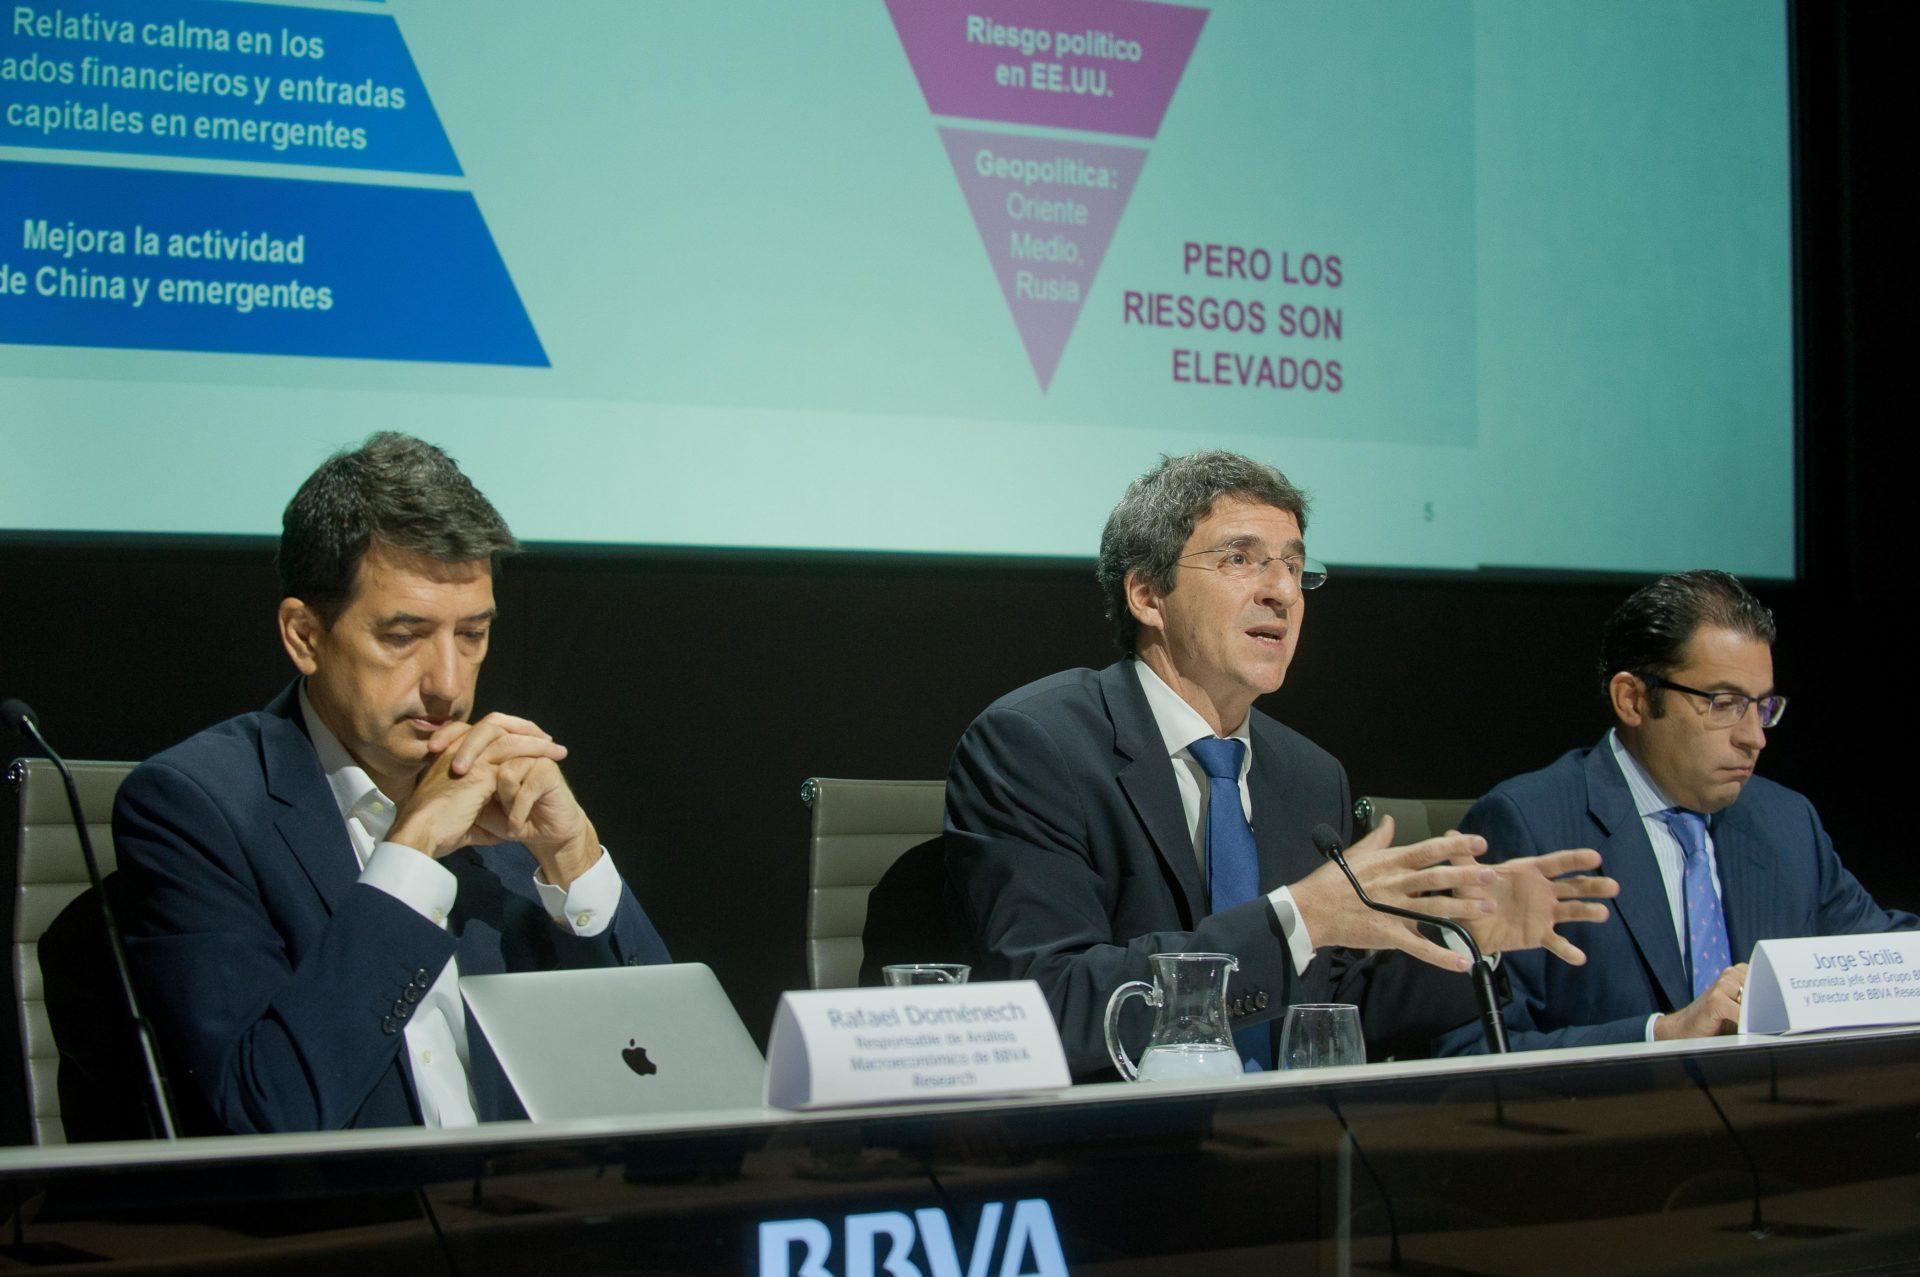 Rafael Doménech, Jorge Sicilia y Miguel Cardoso - Presentación Situación España 4T16, BBVA Research (2)